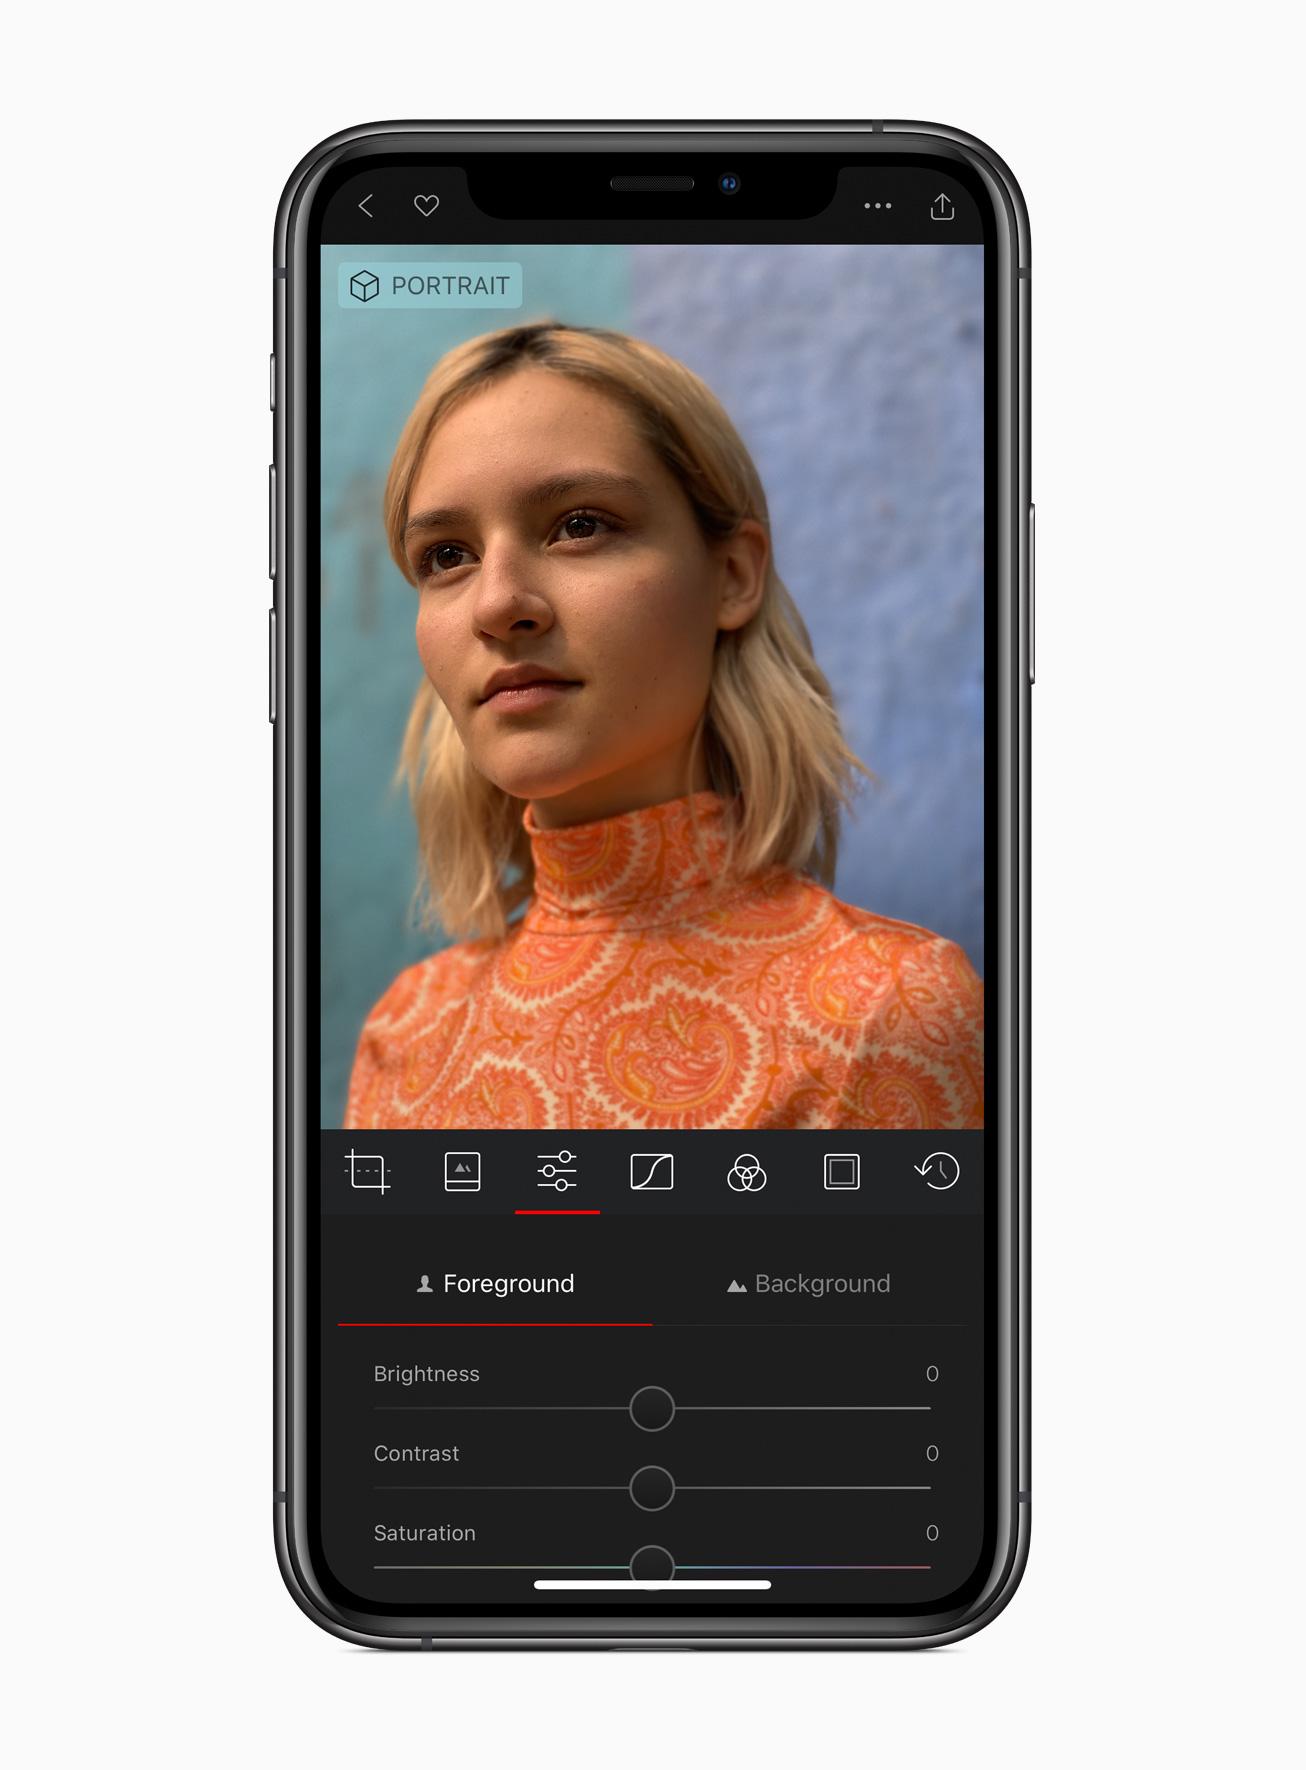 苹果公布 2020 年设计大奖,8 位开发者获奖